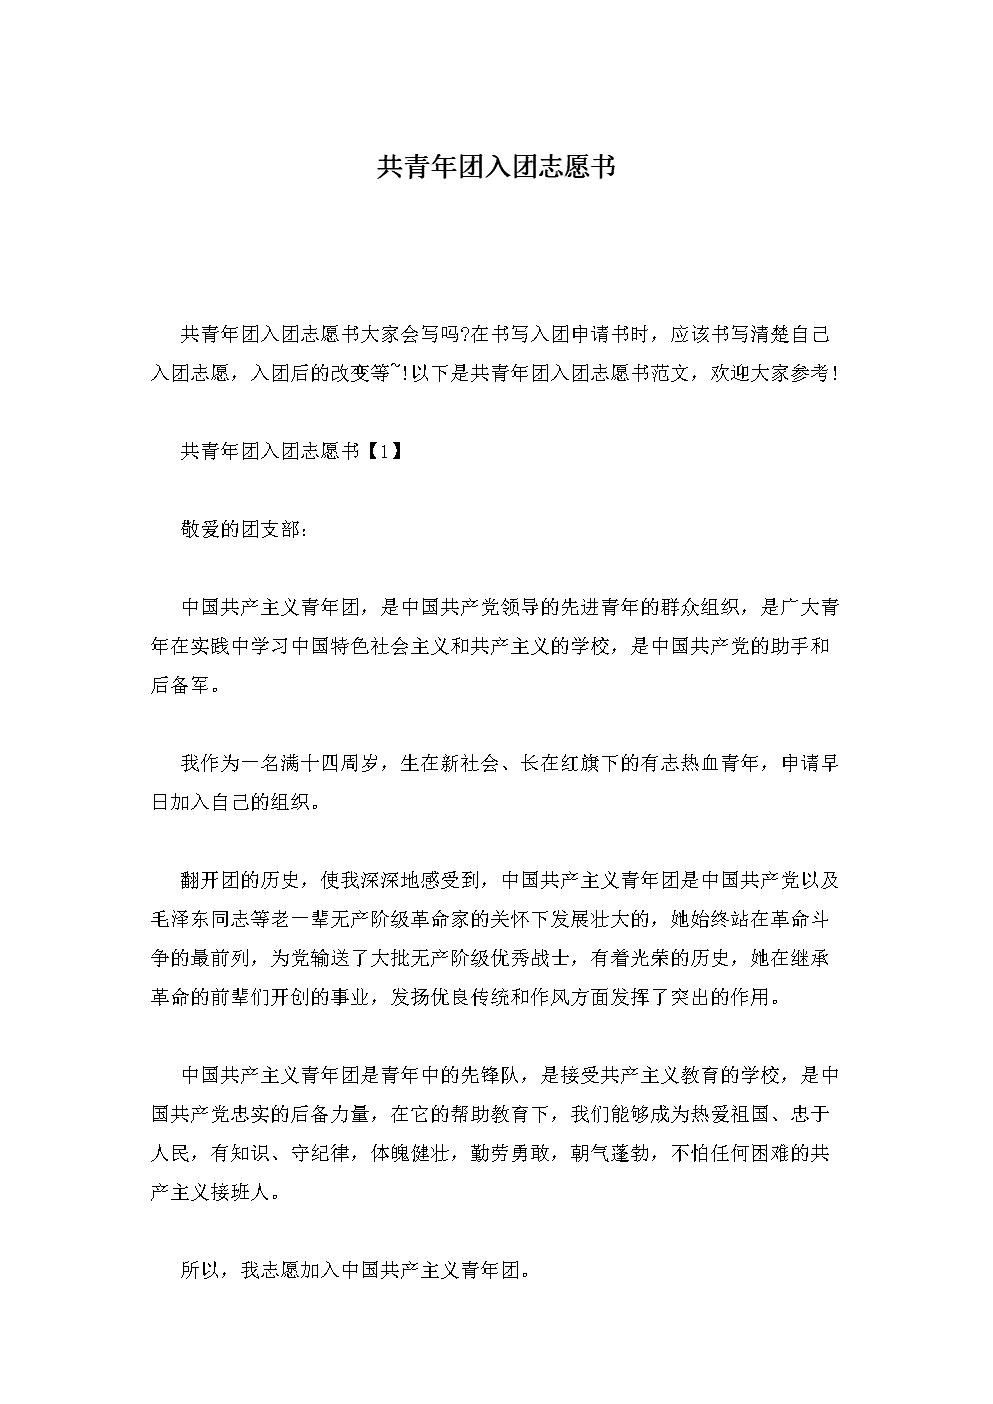 共青年团入团志愿书—最新范文.doc